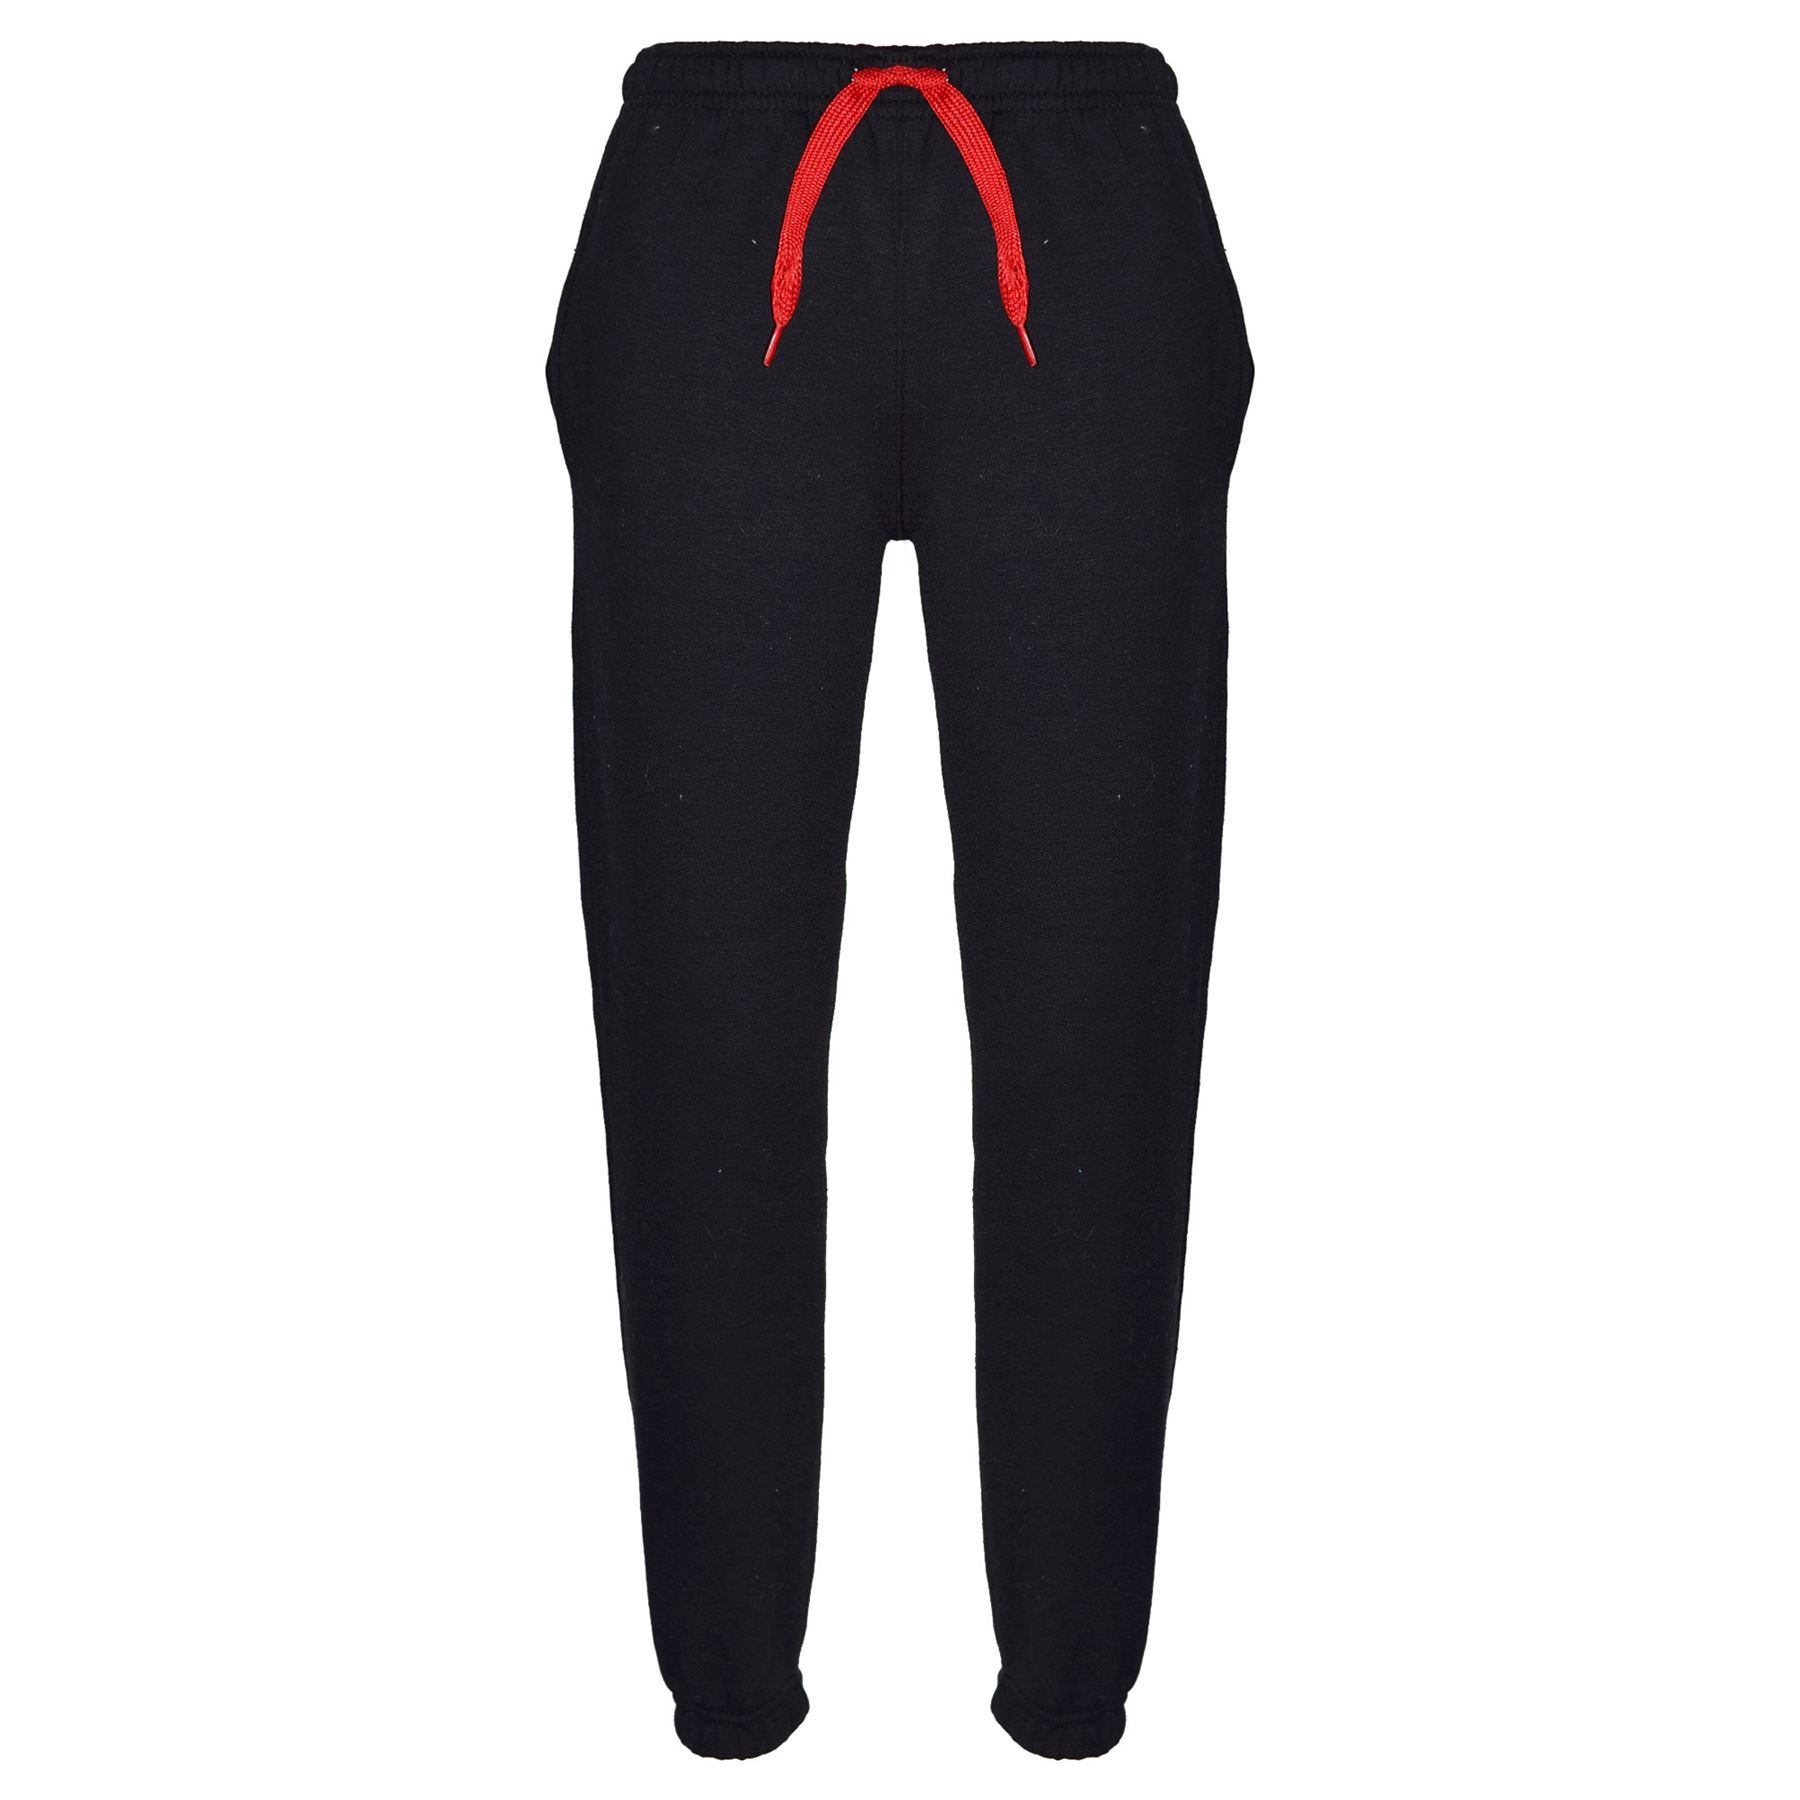 Kinder Jungen Mädchen Trainingsanzug Fleece Schwarz /& Rot mit Kapuze /& Jogging